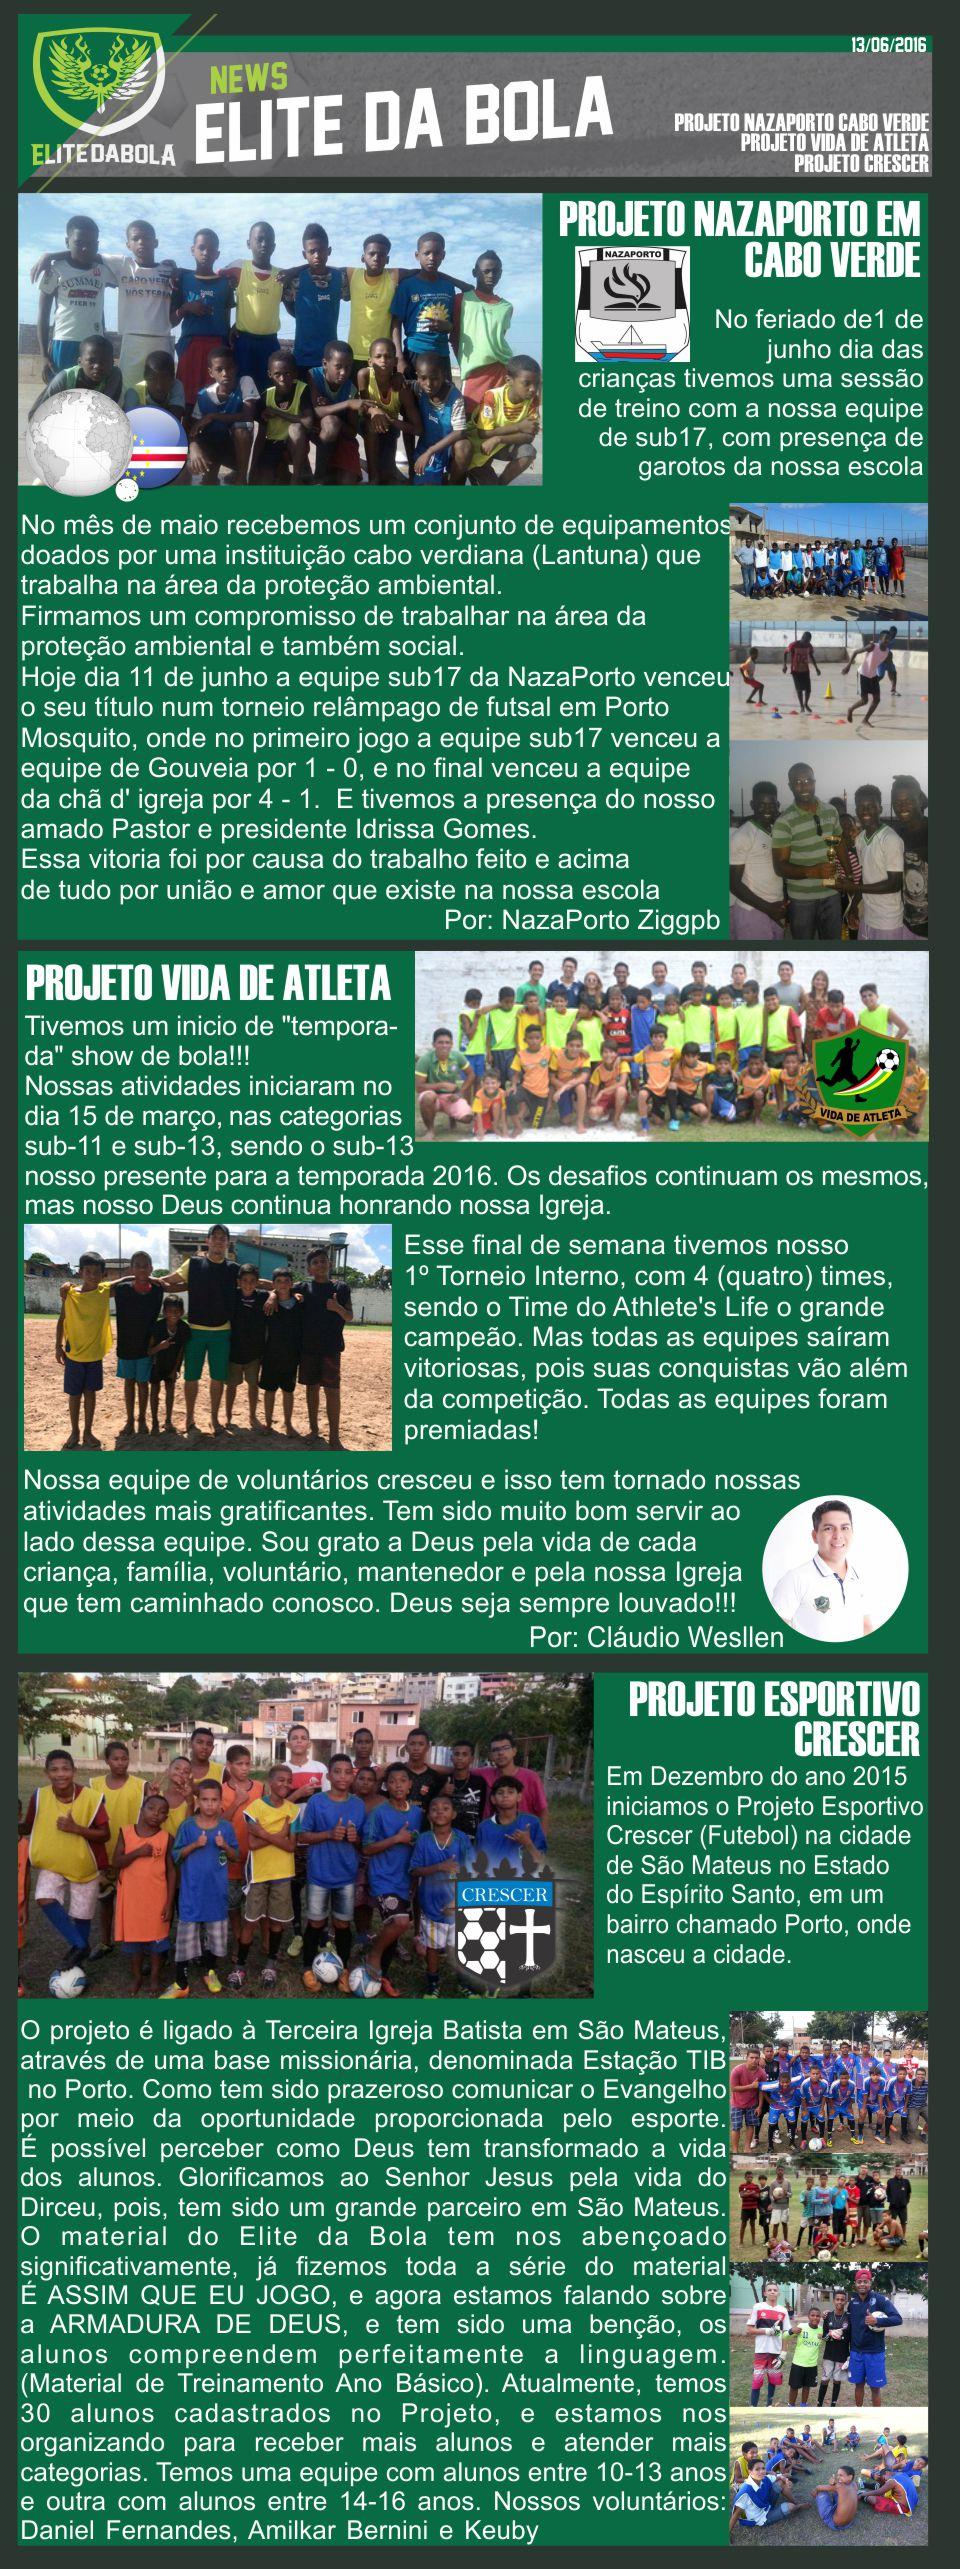 News-13.06.2016-Elite-da-Bola11